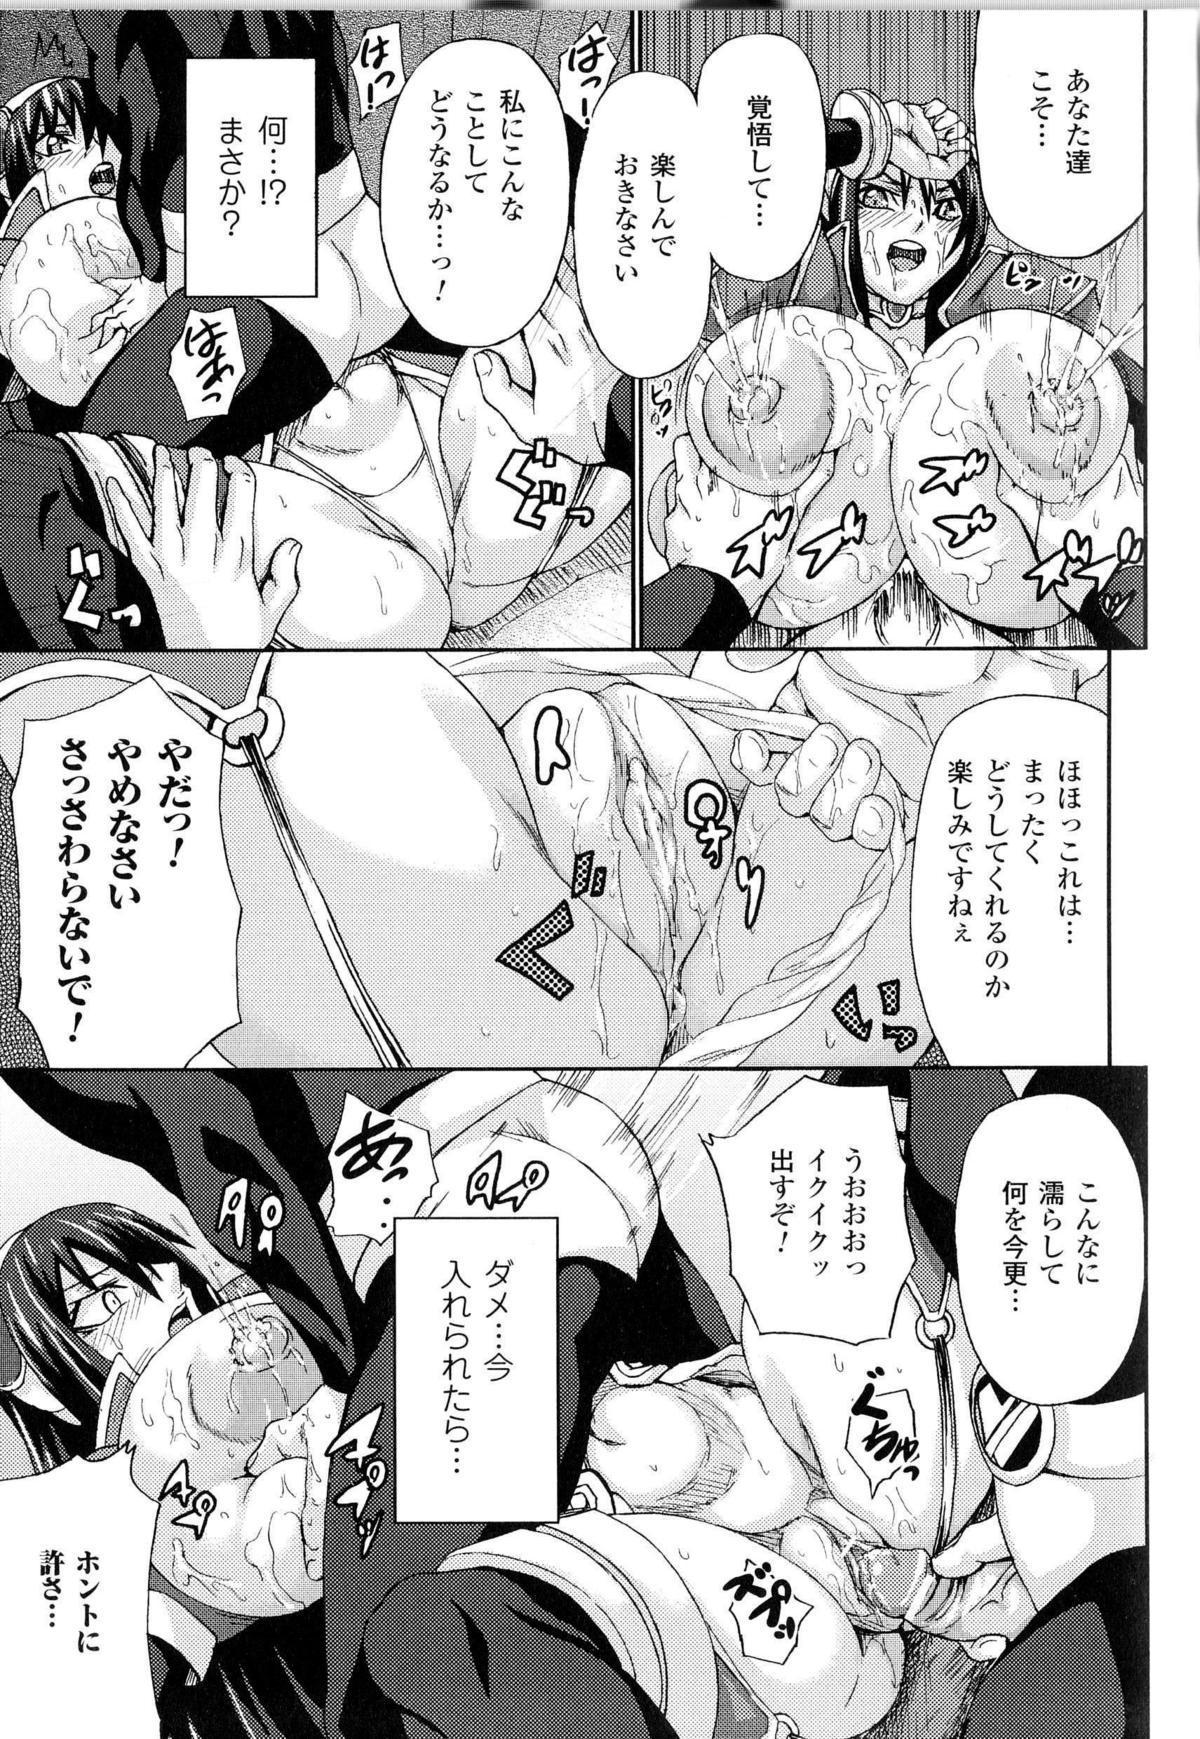 Toushin Engi Vol.14 107